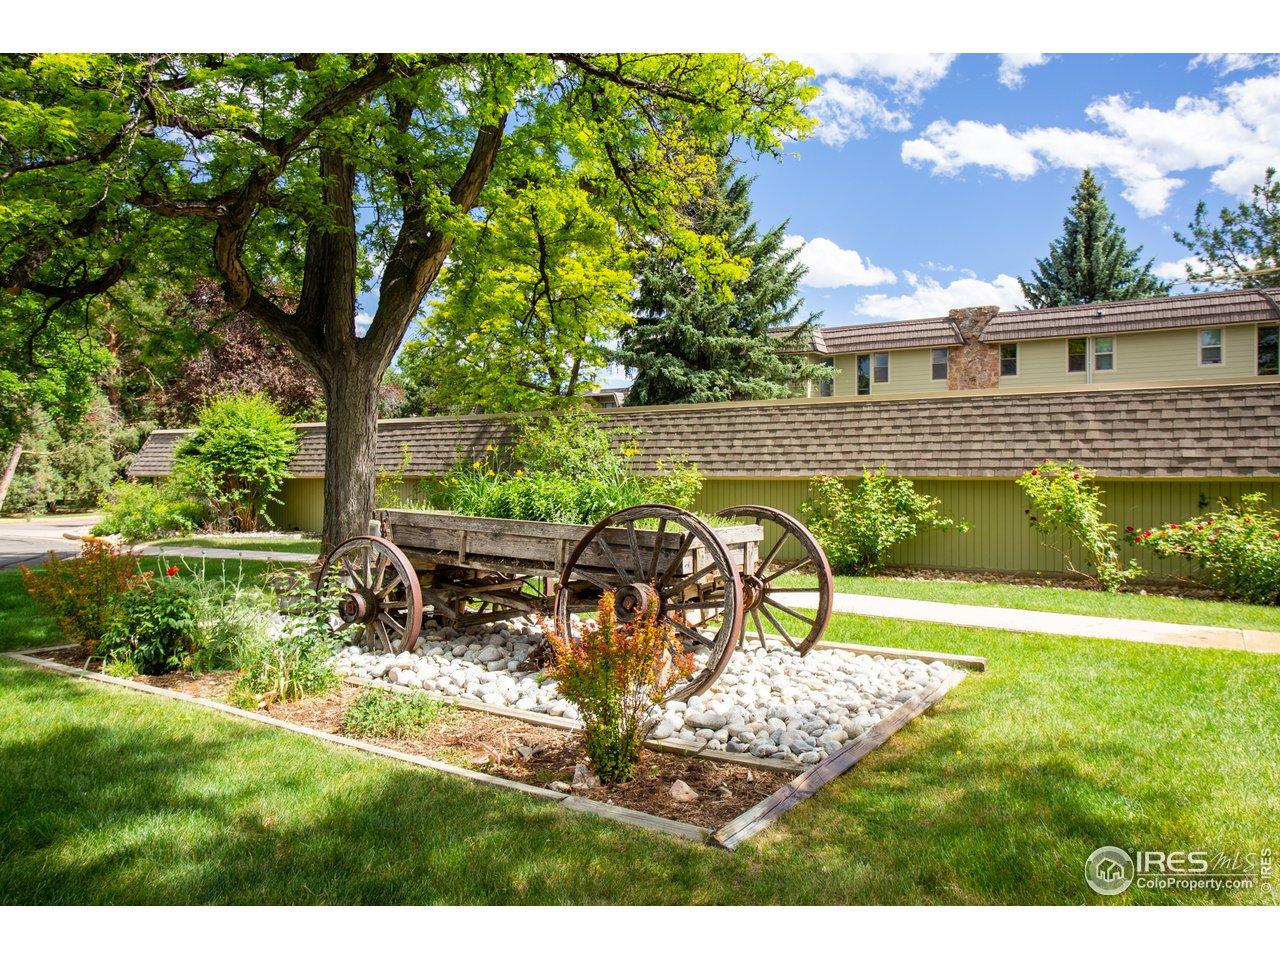 Remington Post has expansive landscaped grounds